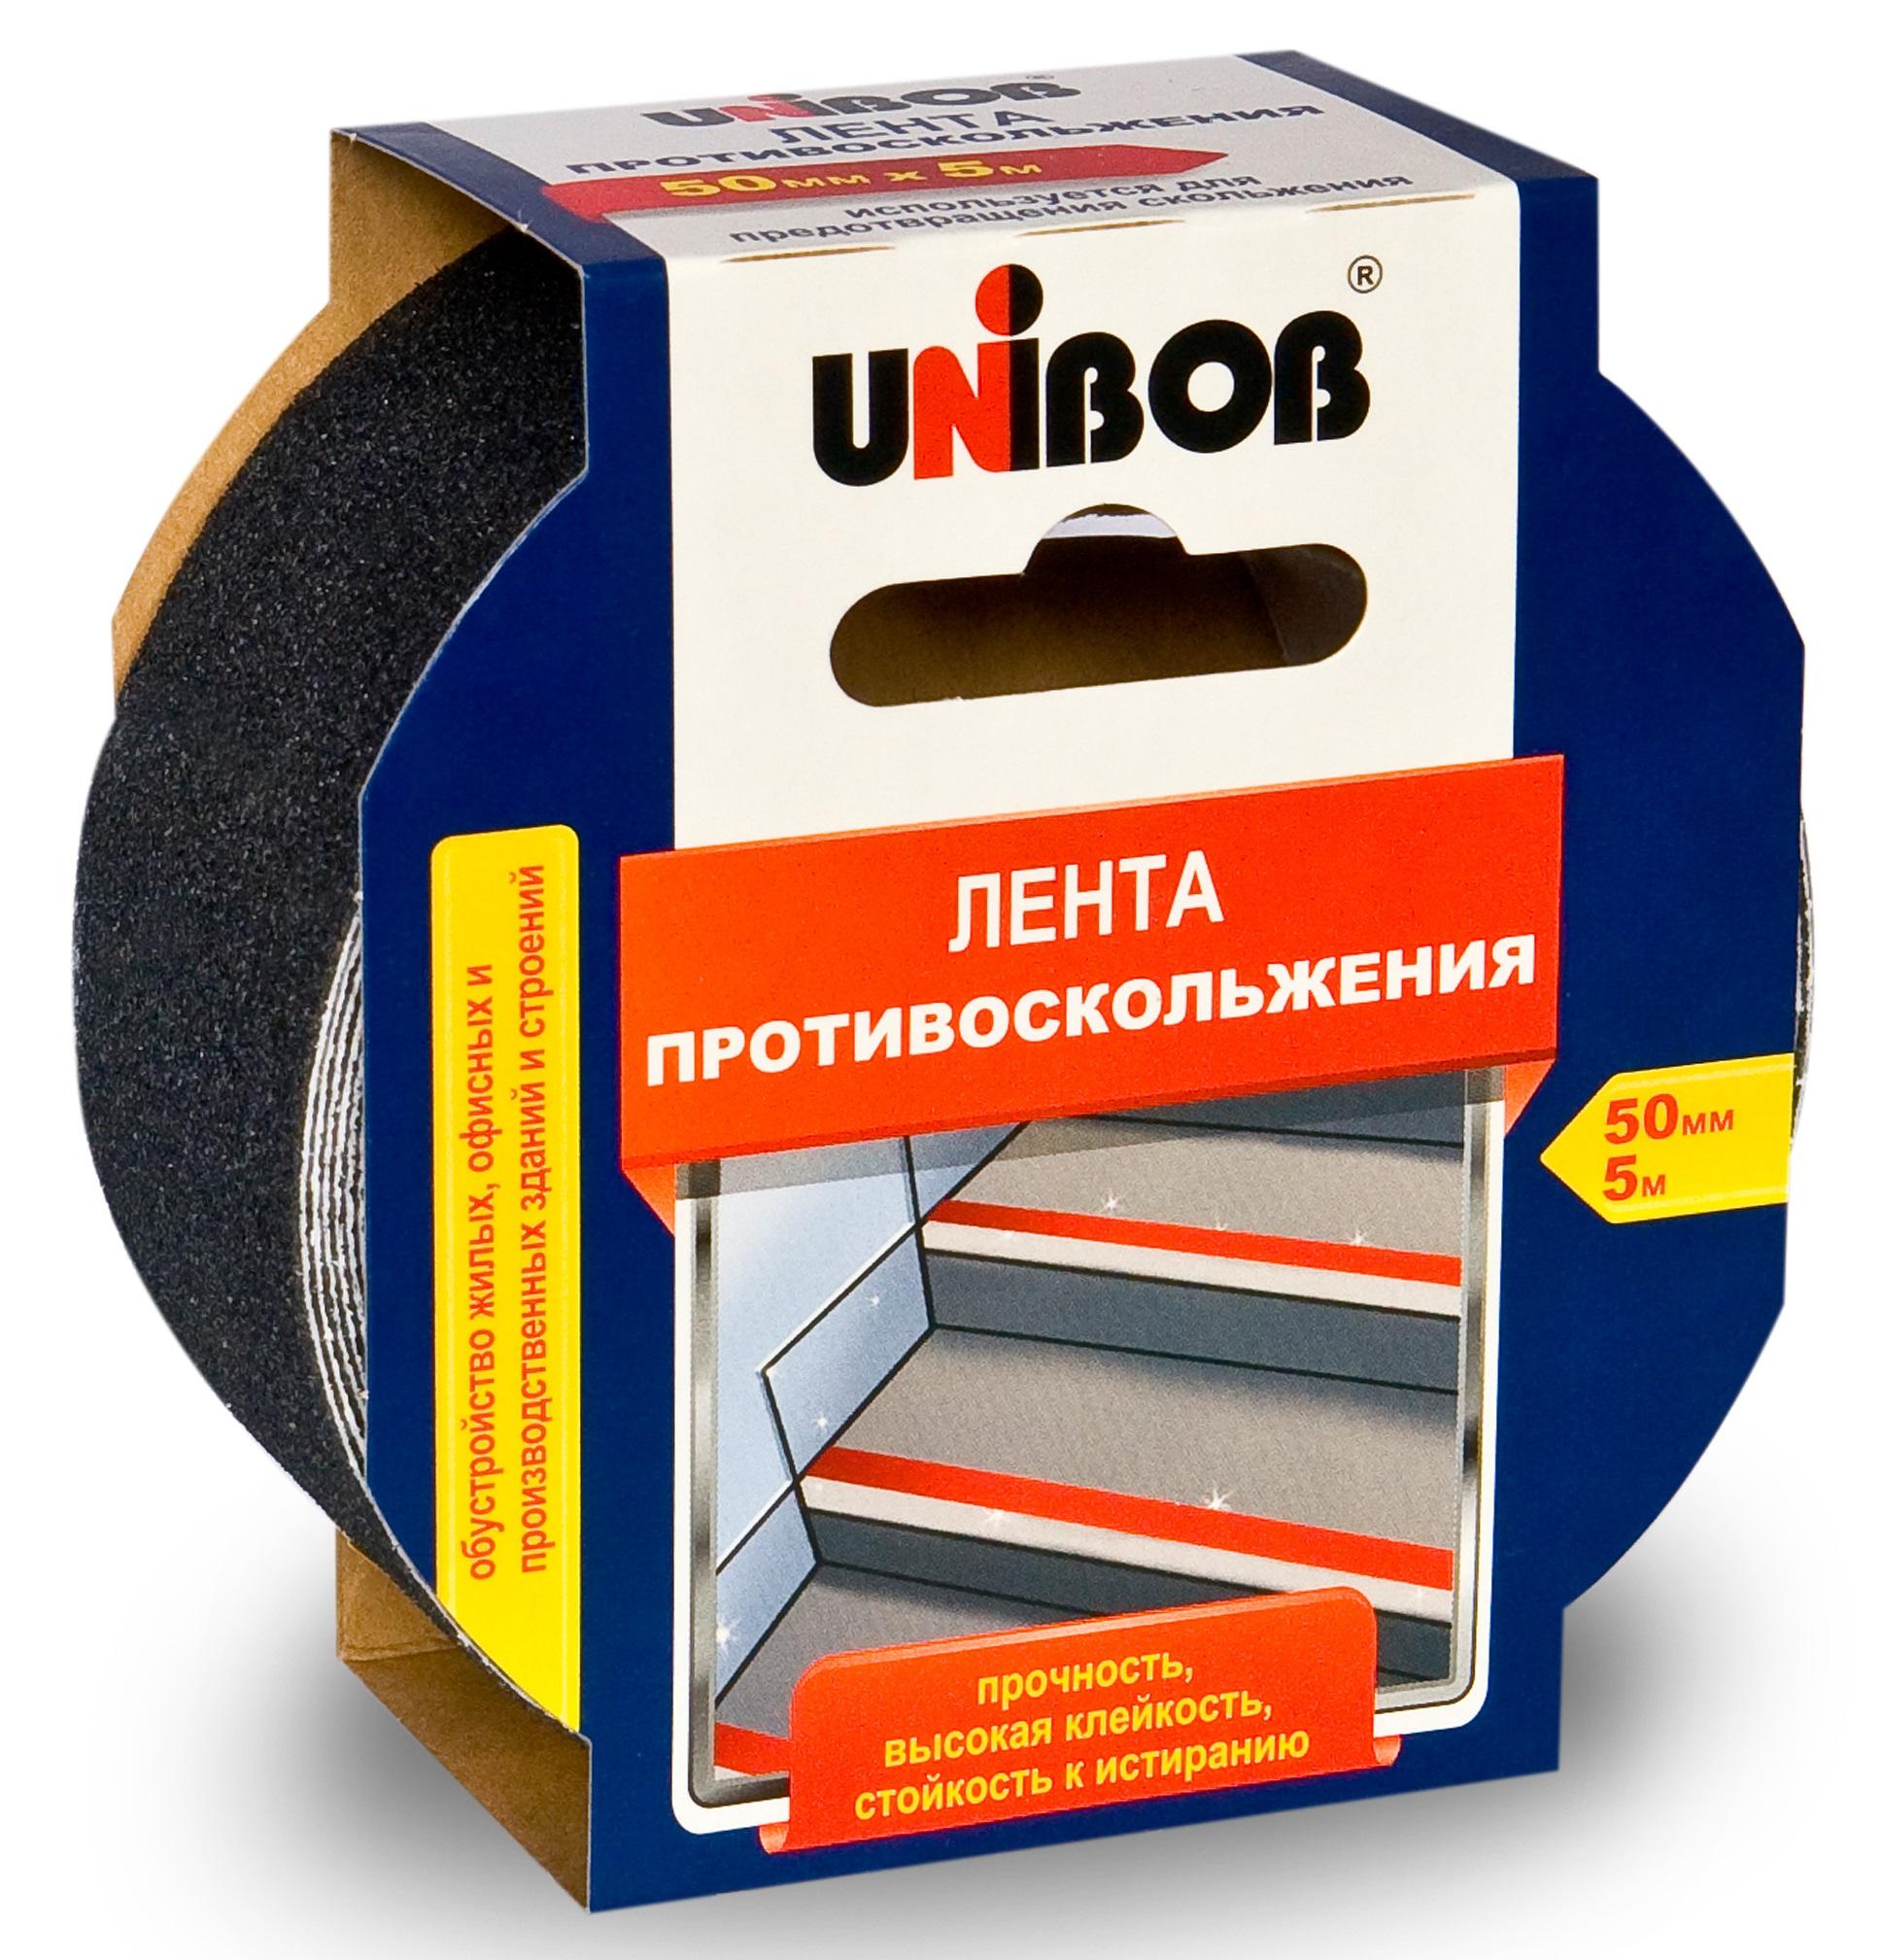 Лента противоскольжения 50ммх5м Лента противоскольжения 50мм x 5м черная UNIBOB 39293 39293